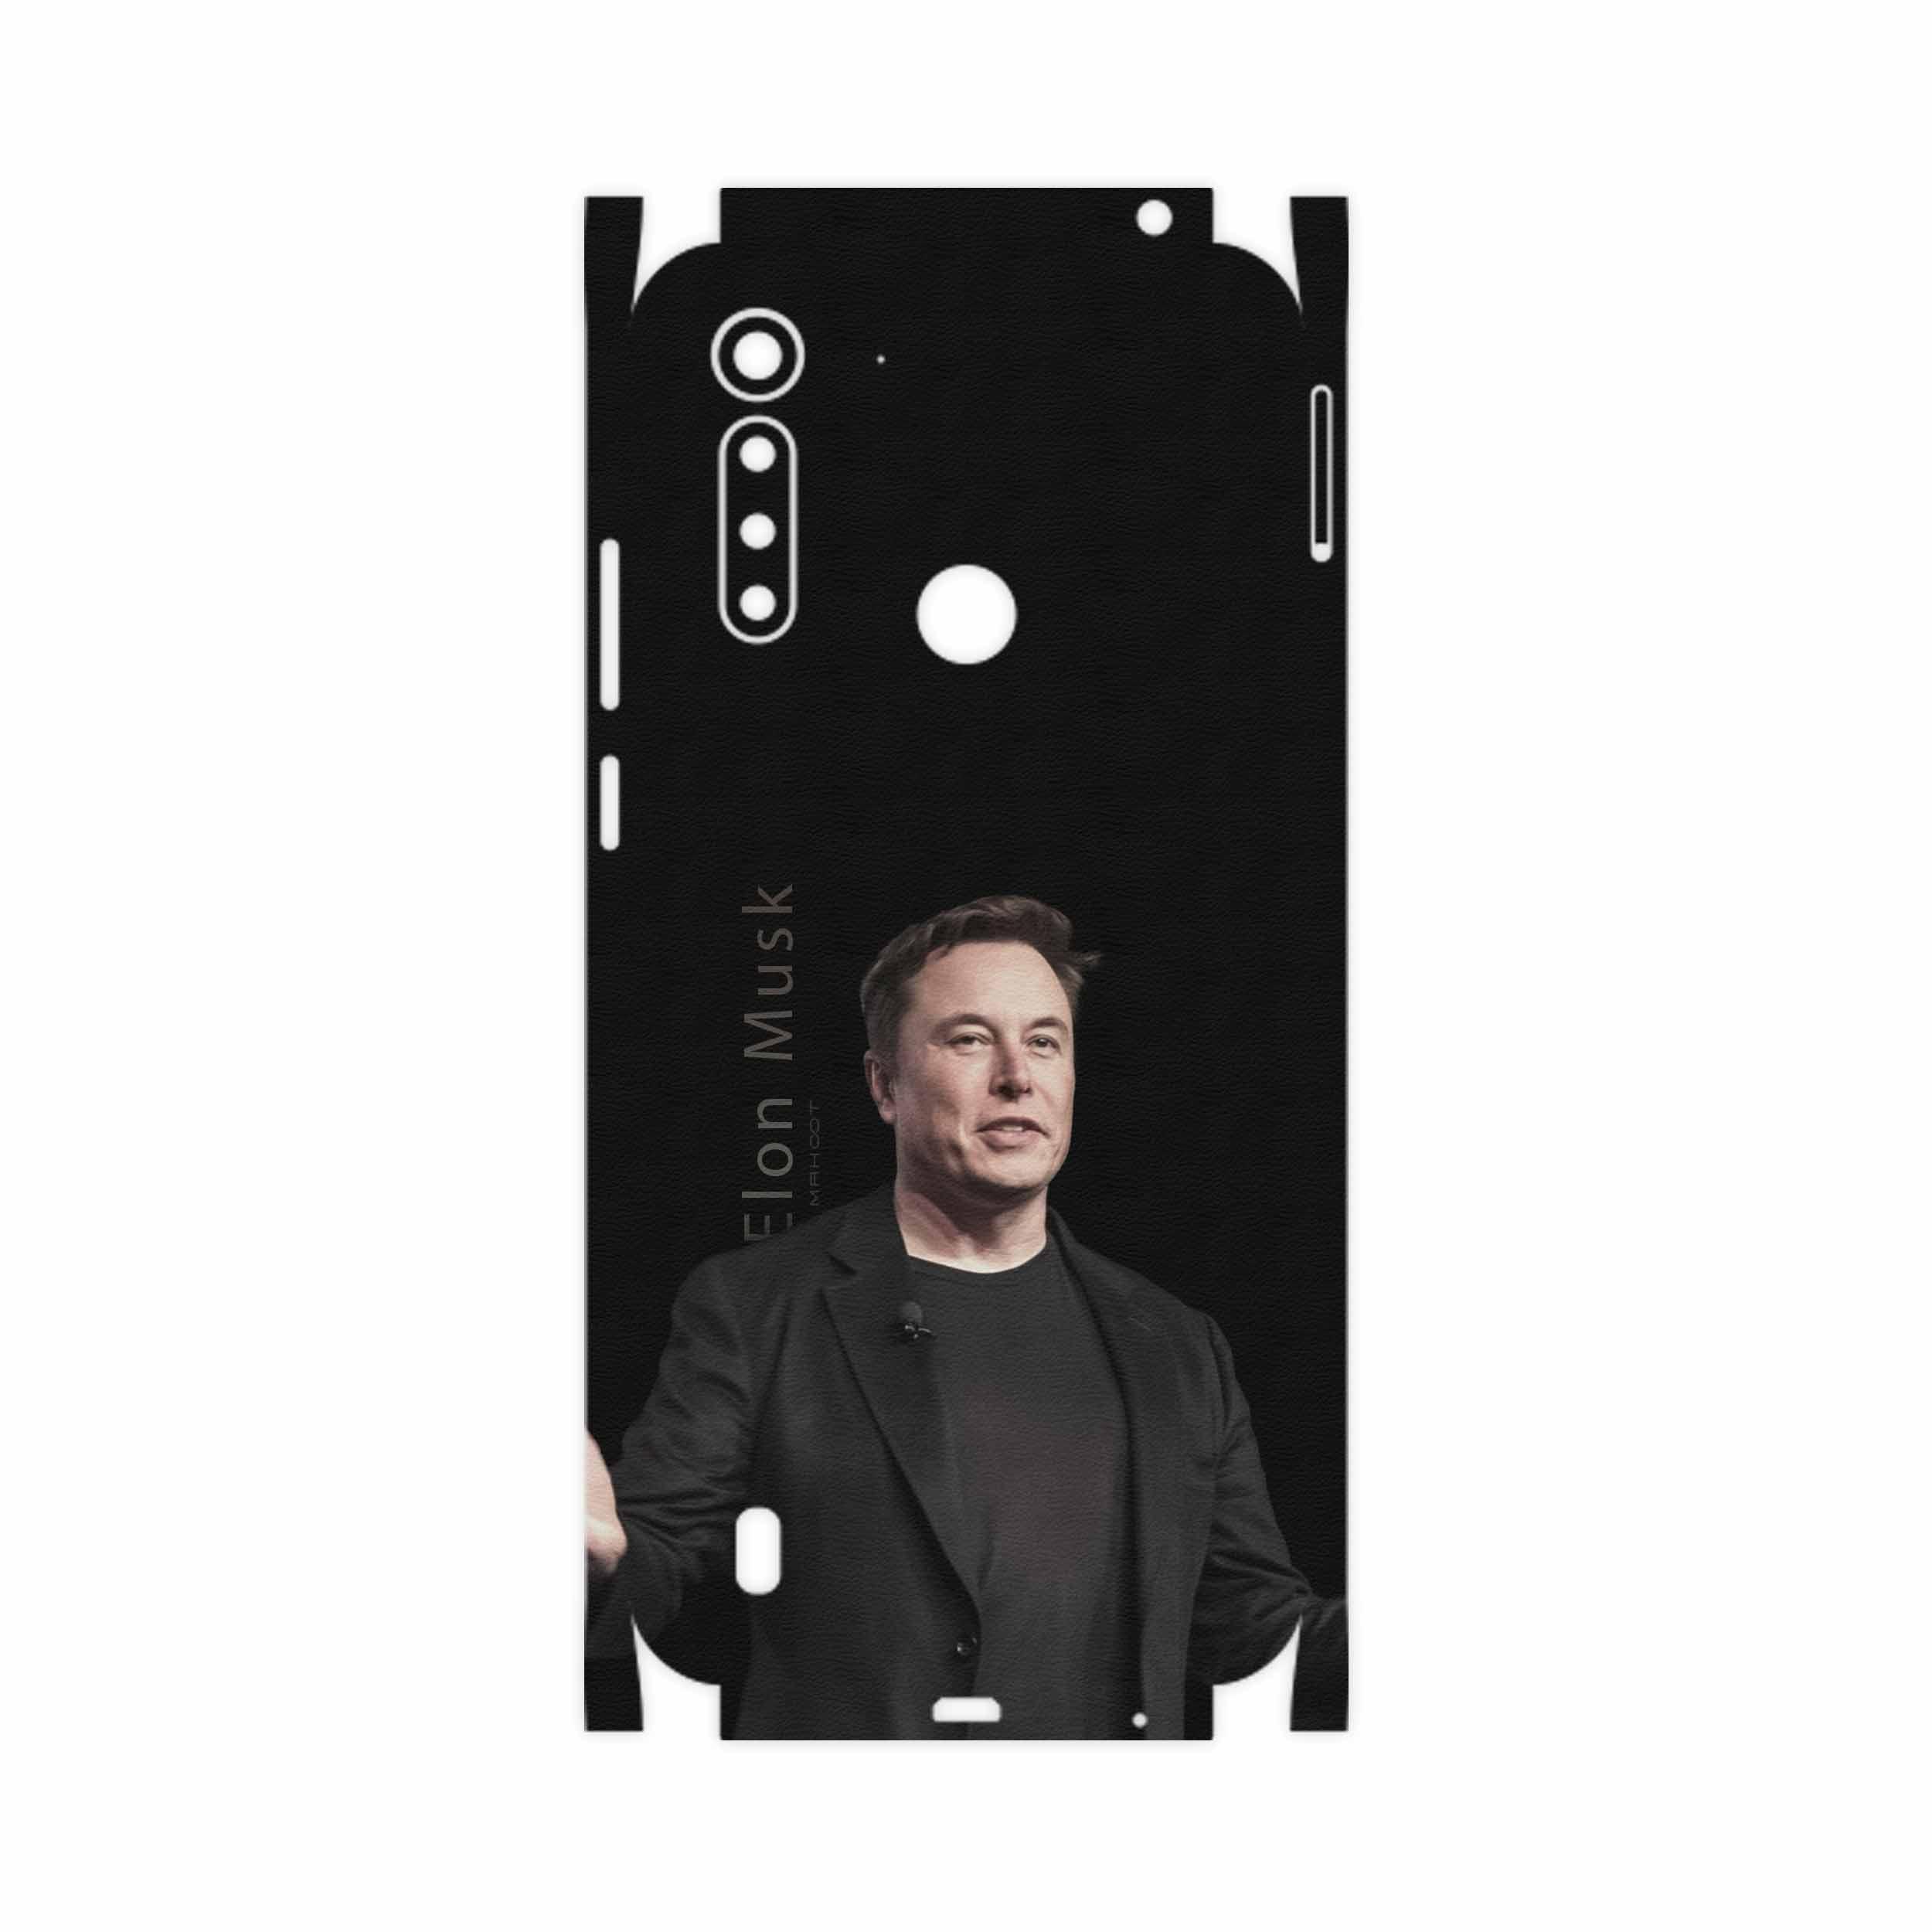 برچسب پوششی ماهوت مدل Elon Musk-FullSkin مناسب برای گوشی موبایل موتورولا Moto G8 Power Lite